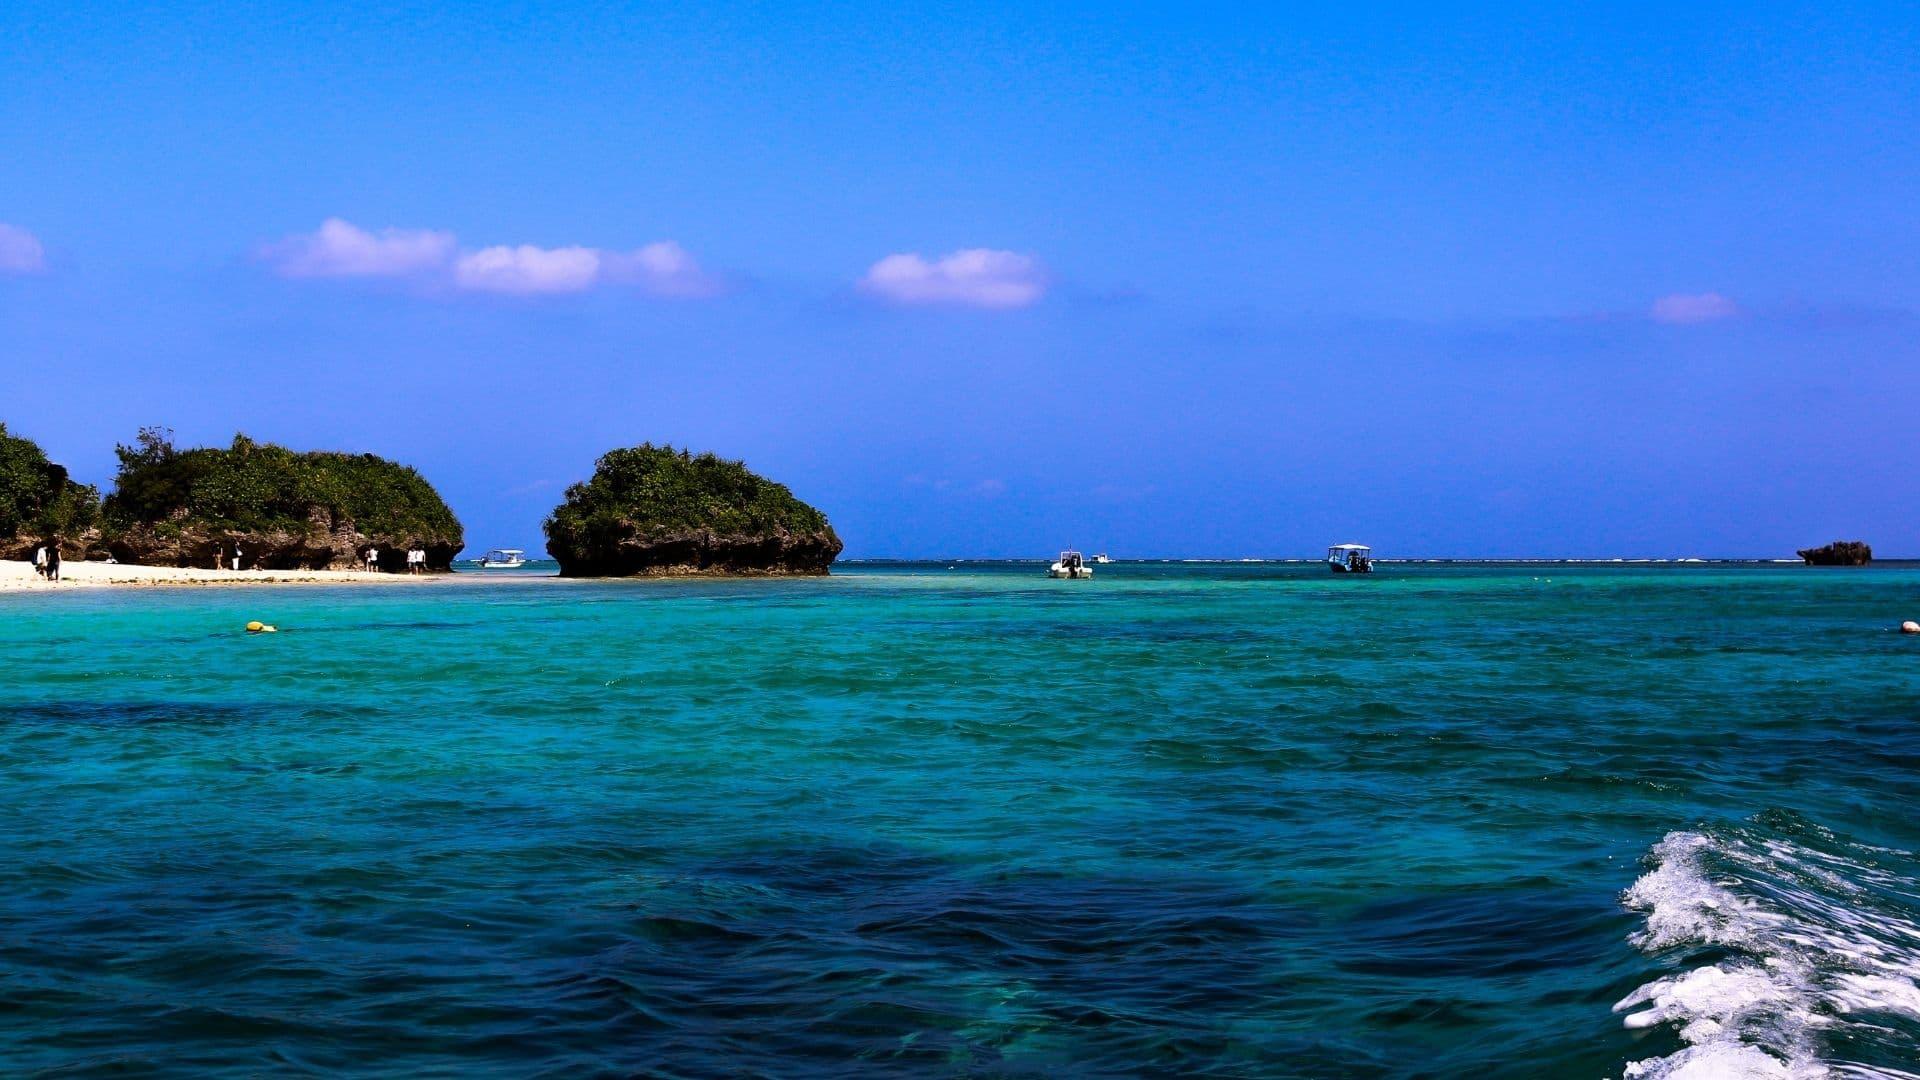 Si estás en Japón visita la prefectura de Okinawa para que conozcas una de las mejores playas de Asia